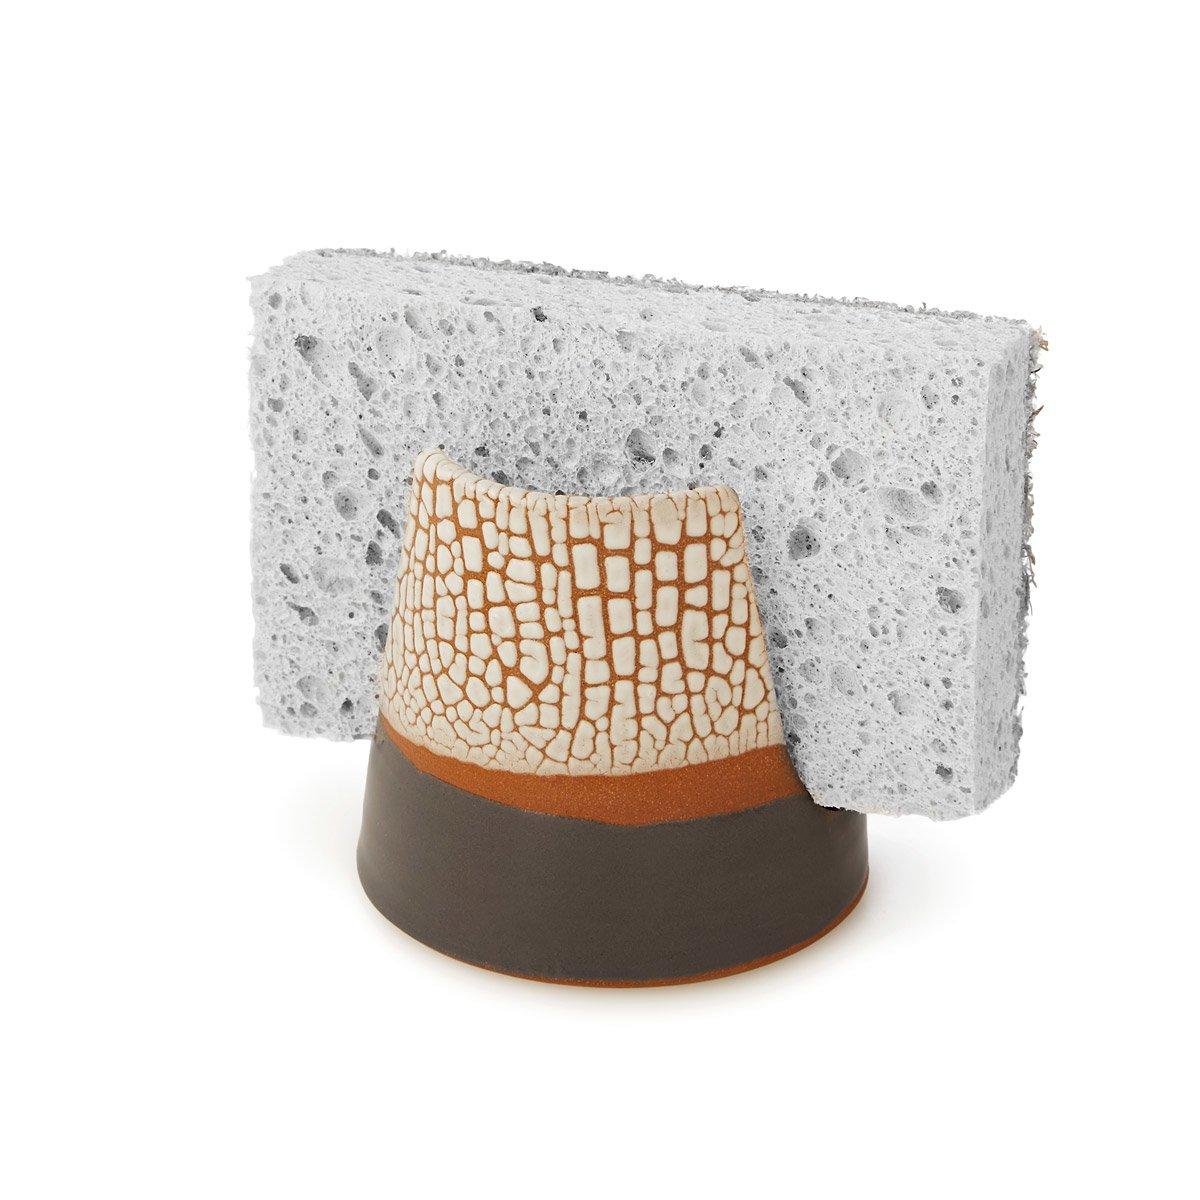 Pebble Sponge Holder | kitchen sponge holder | UncommonGoods